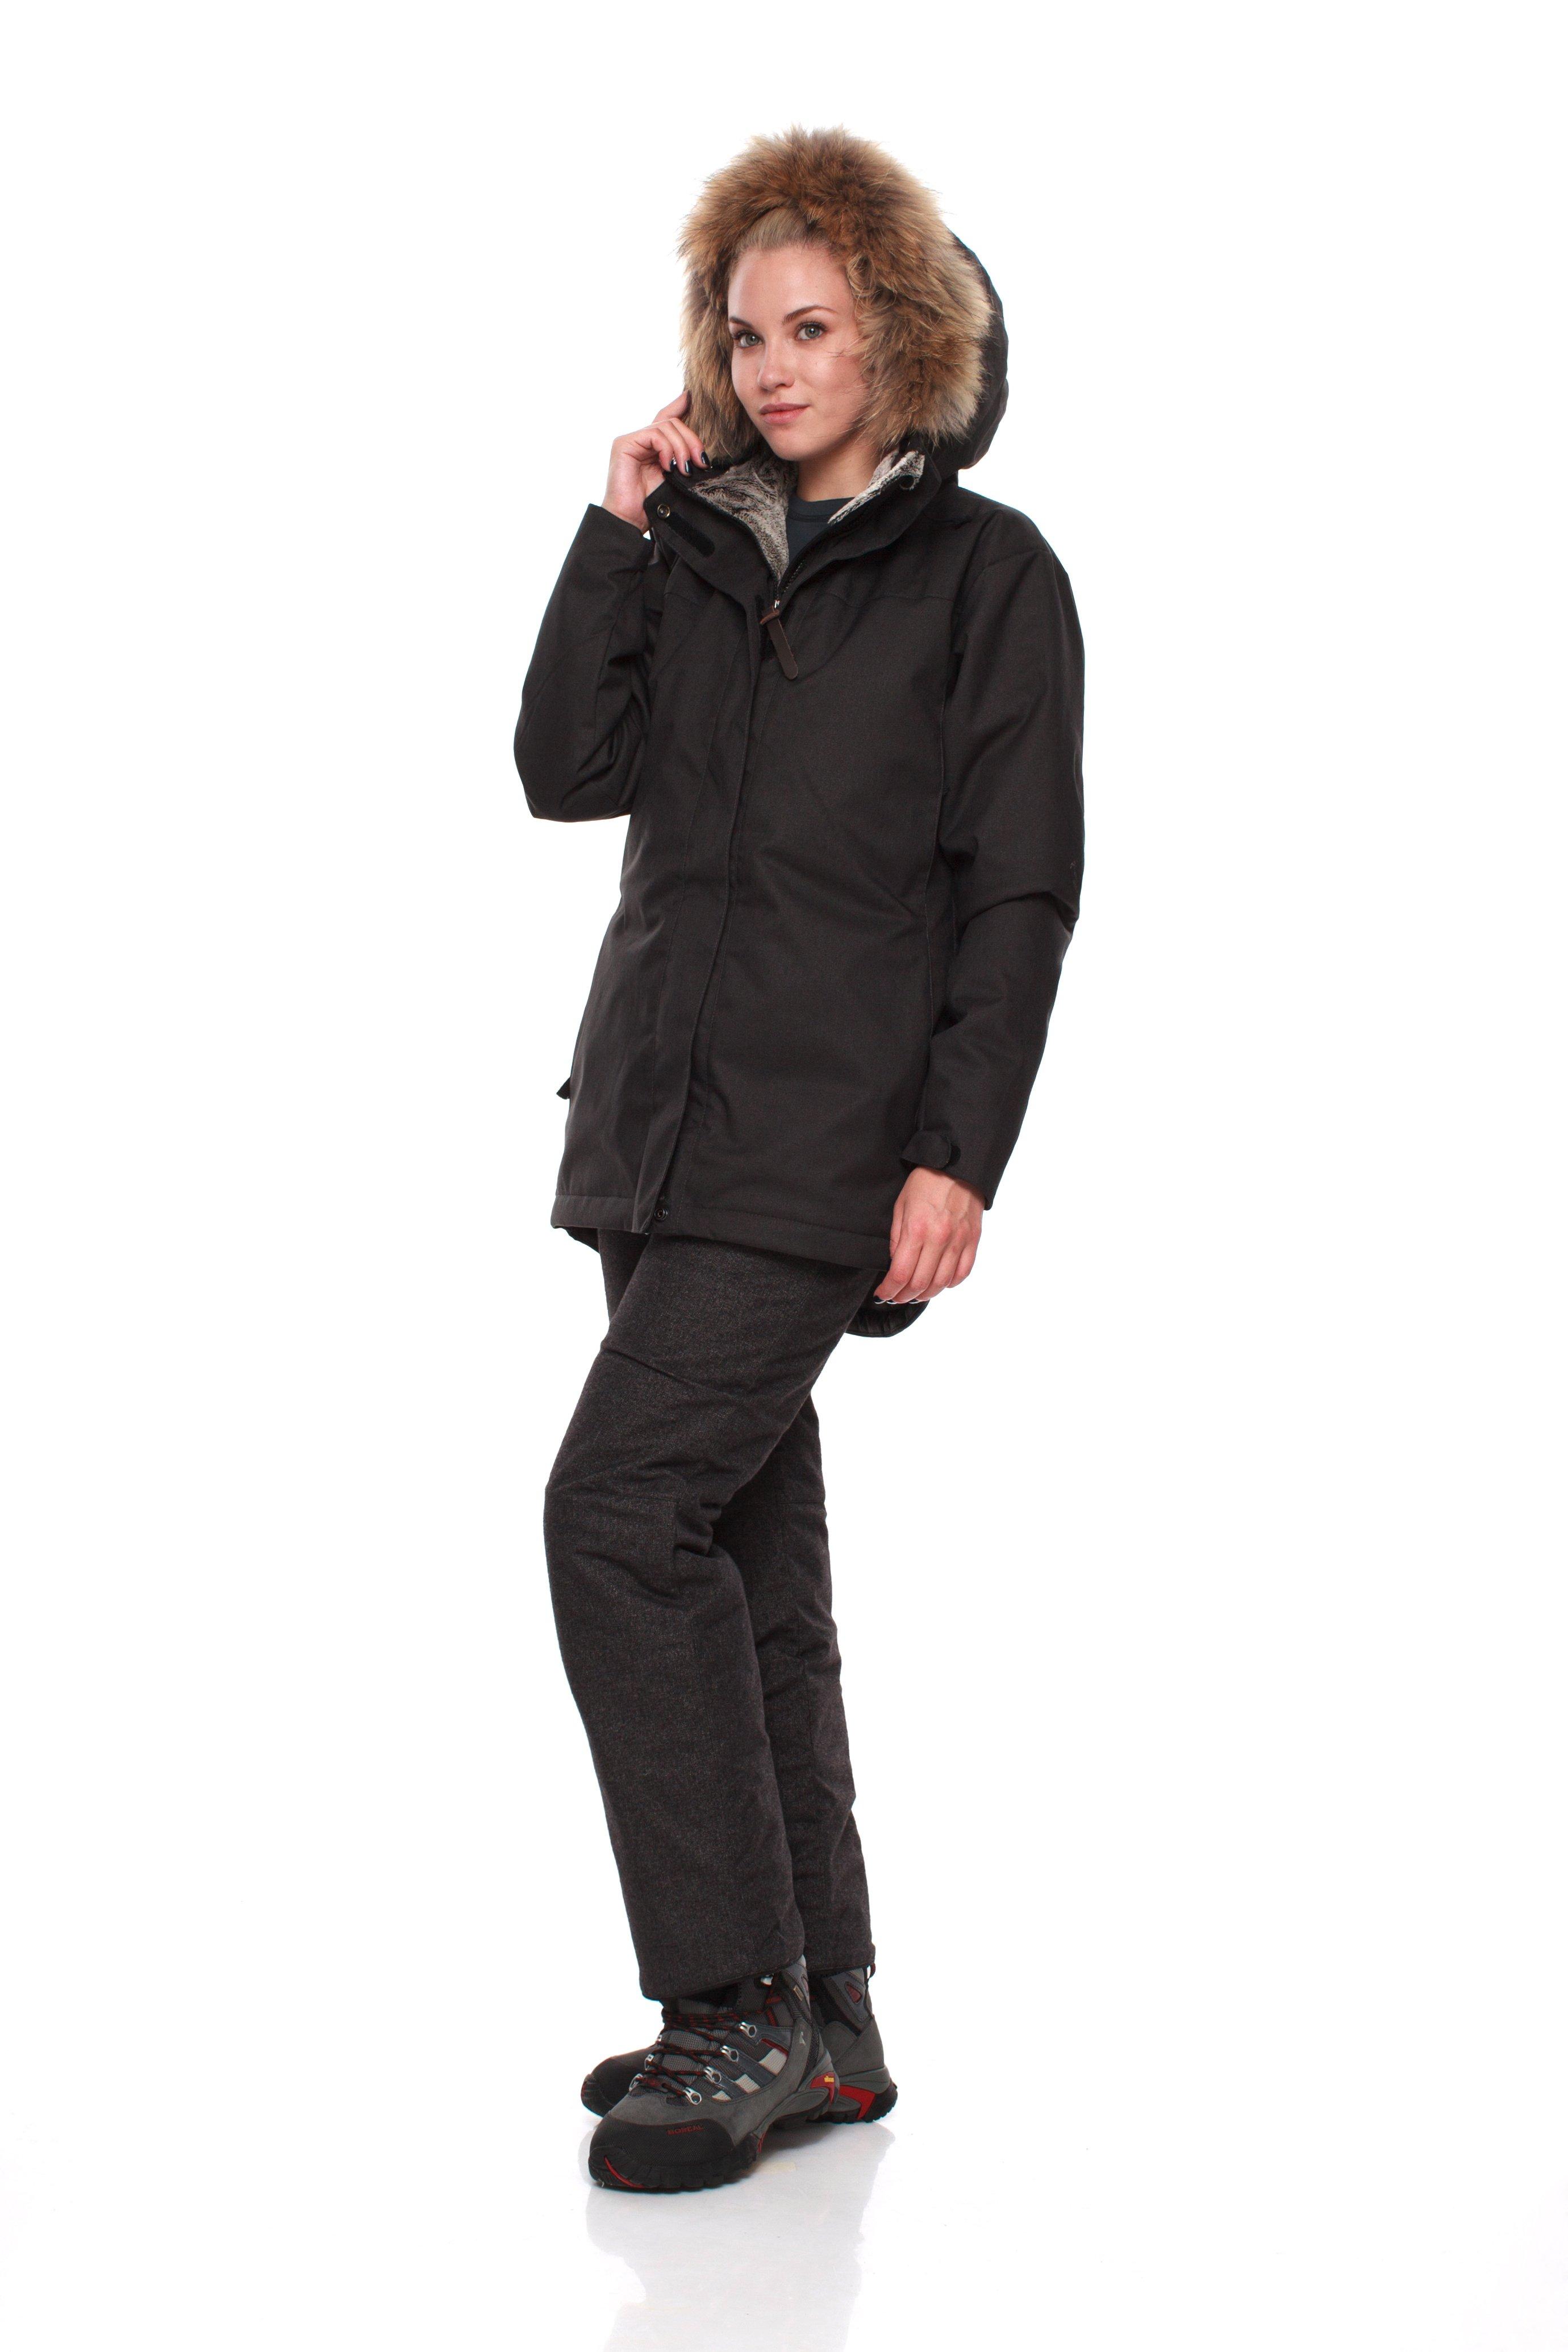 Куртка BASK AGIDEL 8203Тёплая зимняя женская куртка в стиле &amp;laquo;аляска&amp;raquo; подойдет для использования в городе и за его пределами.<br><br>Верхняя ткань: Advance® Alaska Soft Melange<br>Вес граммы: 1240<br>Ветро-влагозащитные свойства верхней ткани: Да<br>Ветрозащитная планка: Да<br>Ветрозащитная юбка: Нет<br>Влагозащитные молнии: Нет<br>Внутренние манжеты: Нет<br>Внутренняя ткань: Advance® Classic<br>Дублирующий центральную молнию клапан: Да<br>Защитный козырёк капюшона: Нет<br>Капюшон: несъемный<br>Карман для средств связи: Нет<br>Количество внешних карманов: 4<br>Количество внутренних карманов: 2<br>Мембрана: да<br>Объемный крой локтевой зоны: Нет<br>Отстёгивающиеся рукава: Нет<br>Пол: Жен.<br>Проклейка швов: Нет<br>Регулировка манжетов рукавов: Да<br>Регулировка низа: Да<br>Регулировка объёма капюшона: Да<br>Регулировка талии: Нет<br>Регулируемые вентиляционные отверстия: Нет<br>Световозвращающая лента: Нет<br>Температурный режим: -15<br>Технология Thermal Welding: Нет<br>Тип молнии: двухзамковая<br>Тип утеплителя: синтетический<br>Усиление контактных зон: Нет<br>Утеплитель: Shelter® Sport<br>Размер INT: S<br>Цвет: СИНИЙ